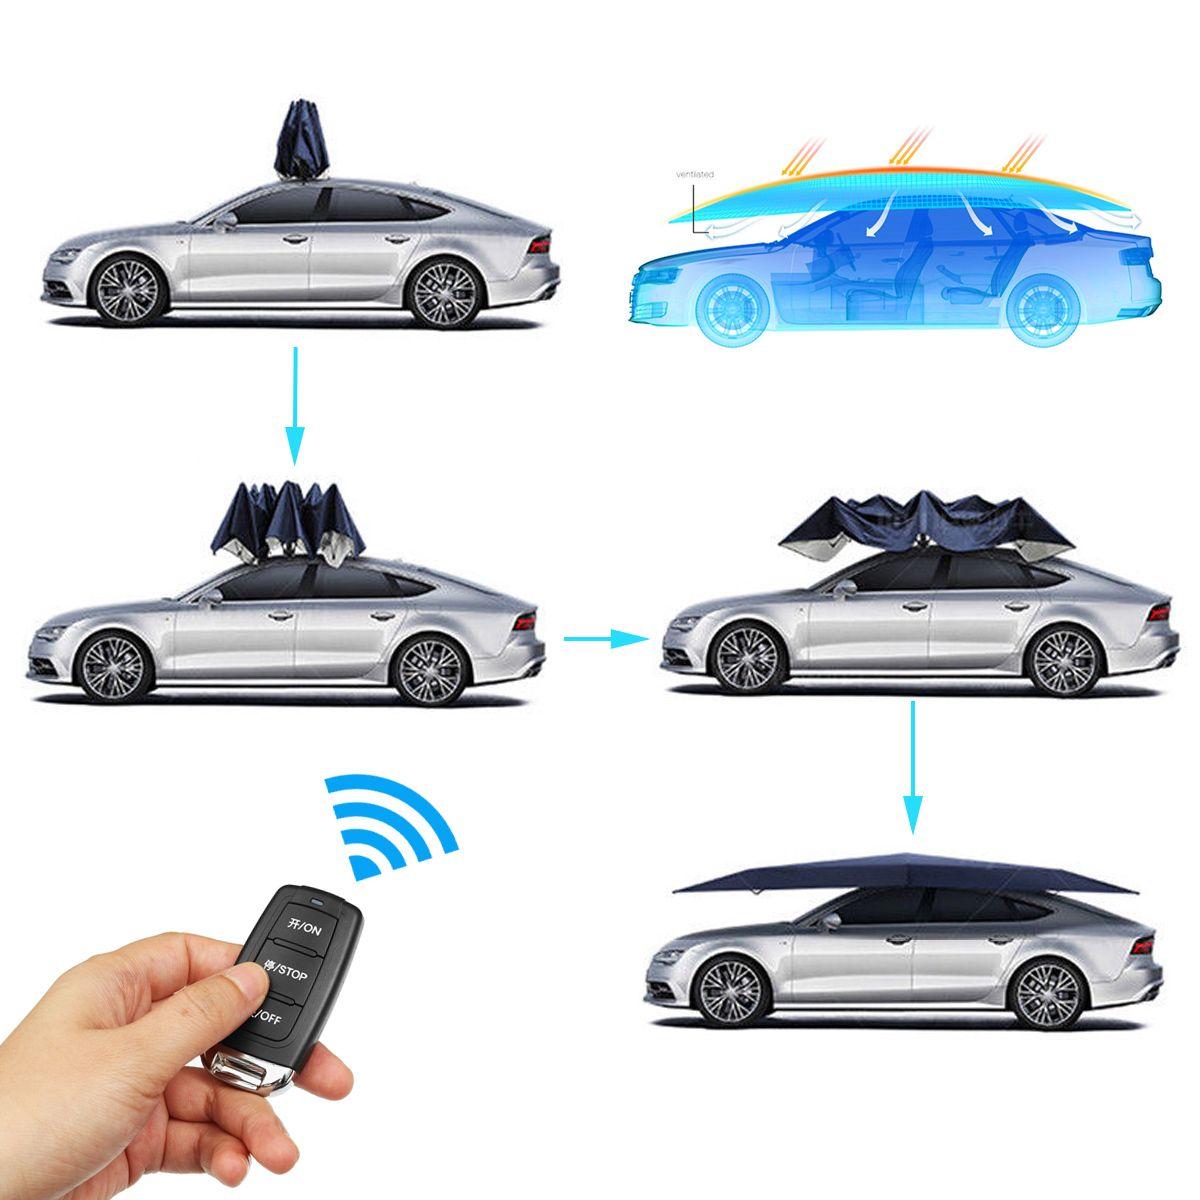 Tragbare Voll Automatische Auto Abdeckung Dach Im Freien Auto Zelt Regenschirm Dach Abdeckung UV Schutz Kits Sonne Schatten mit Fernbedienung